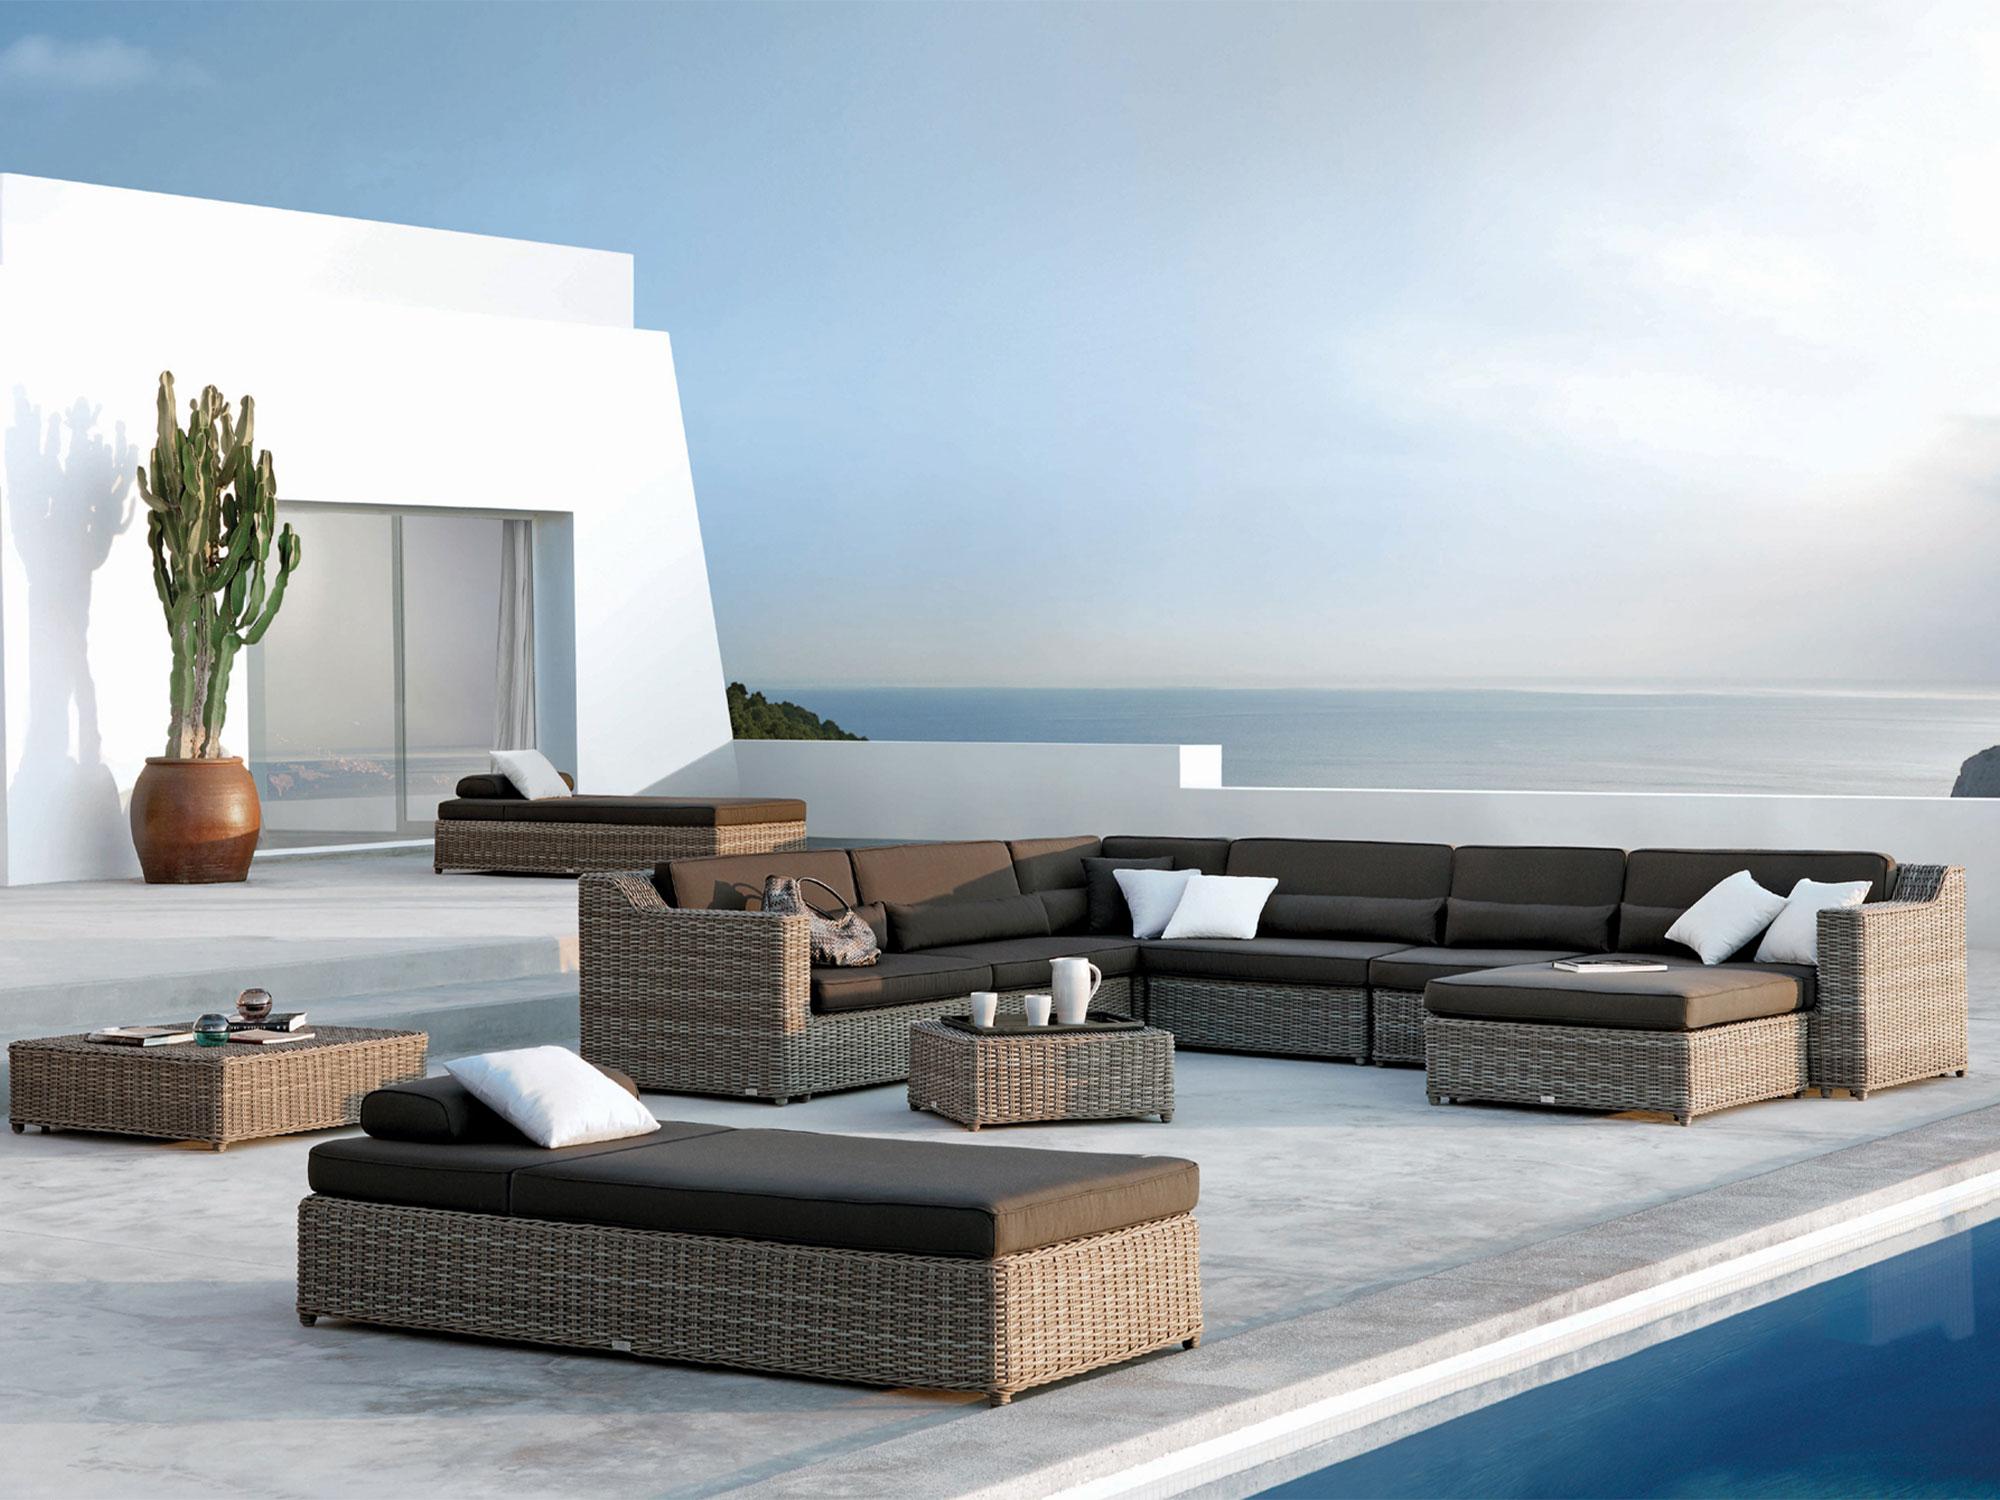 Salons de jardin: 5 marques, 5 styles, 5 prix sympas